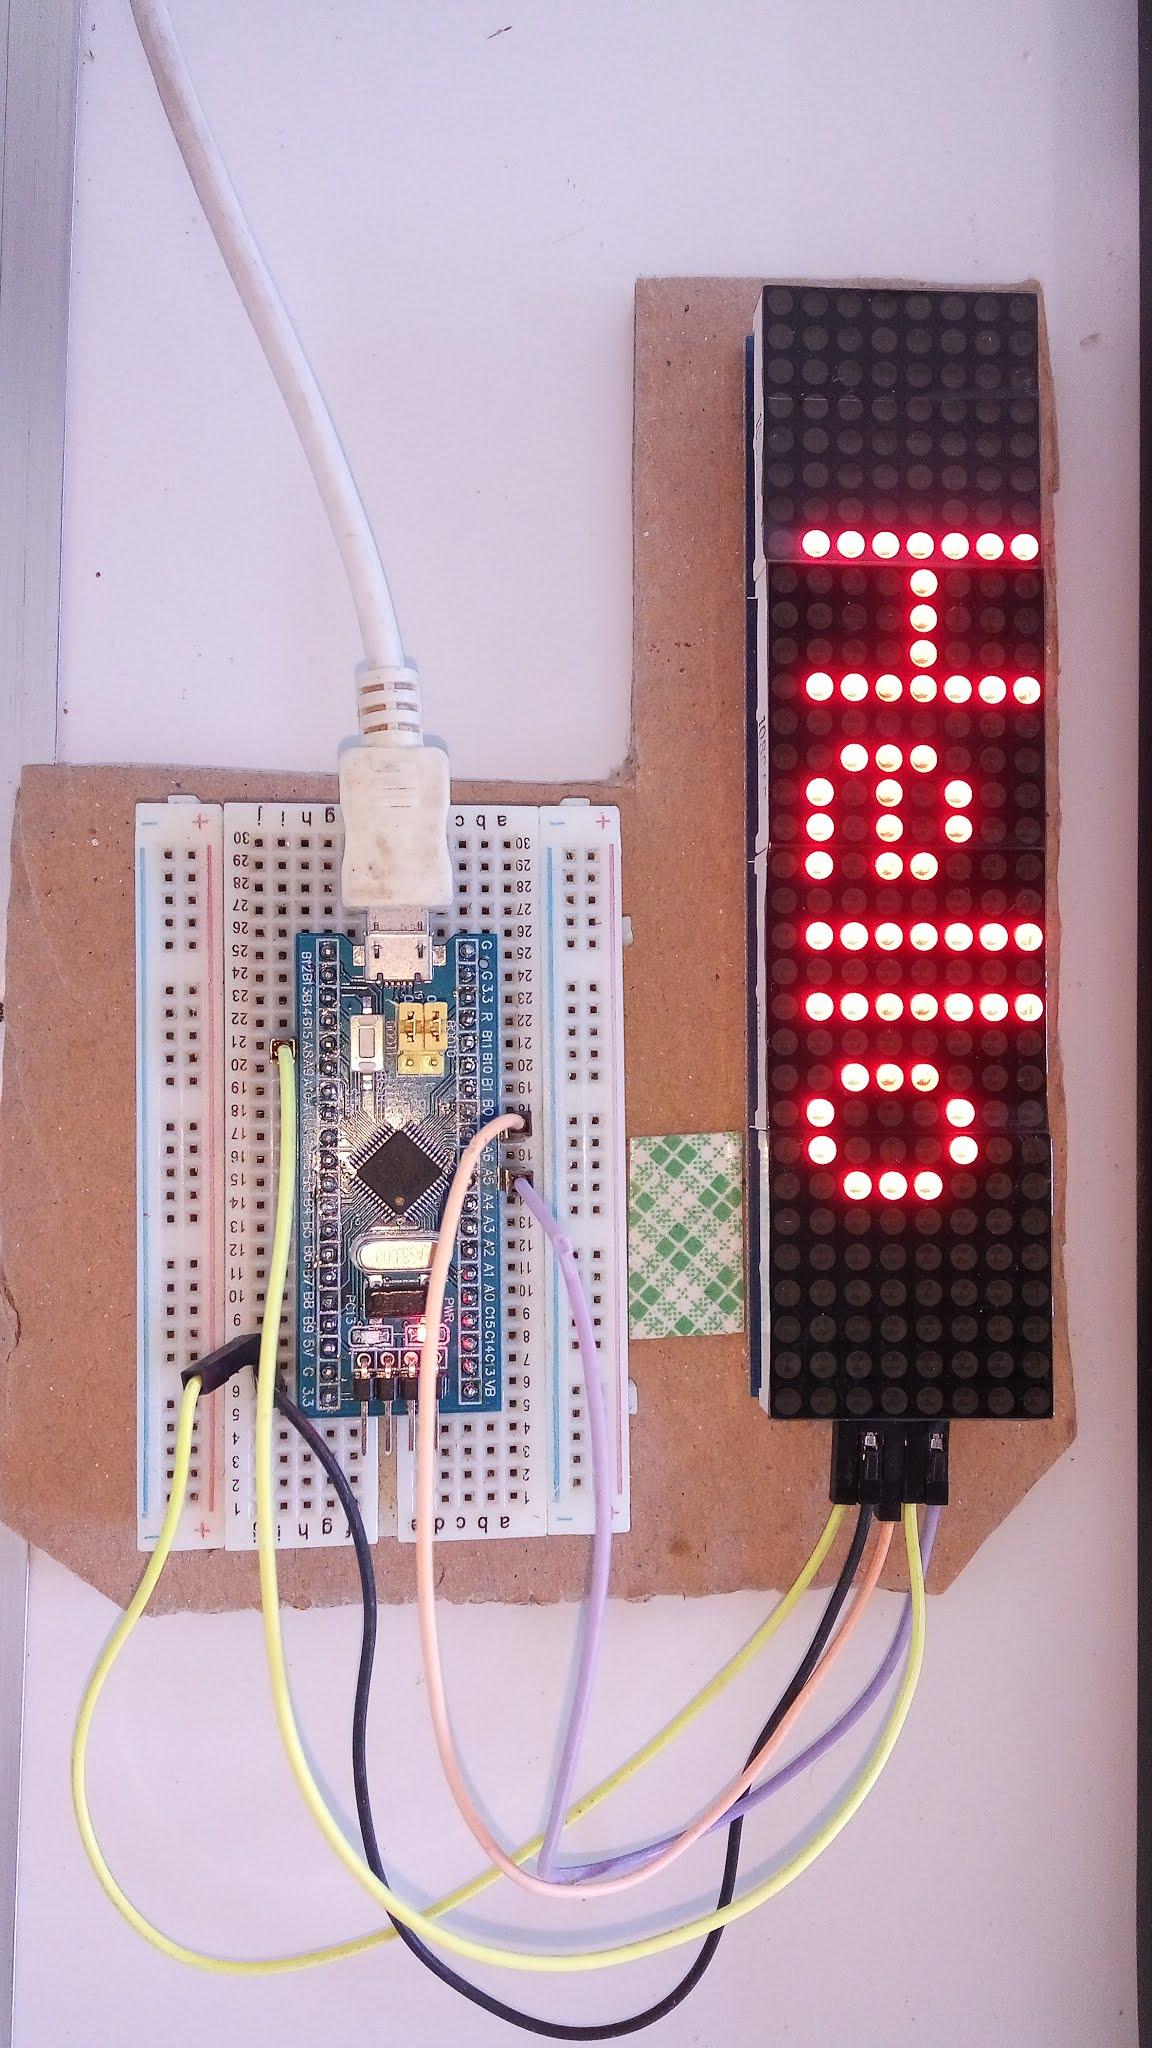 SMT32 Programmer MAX7219